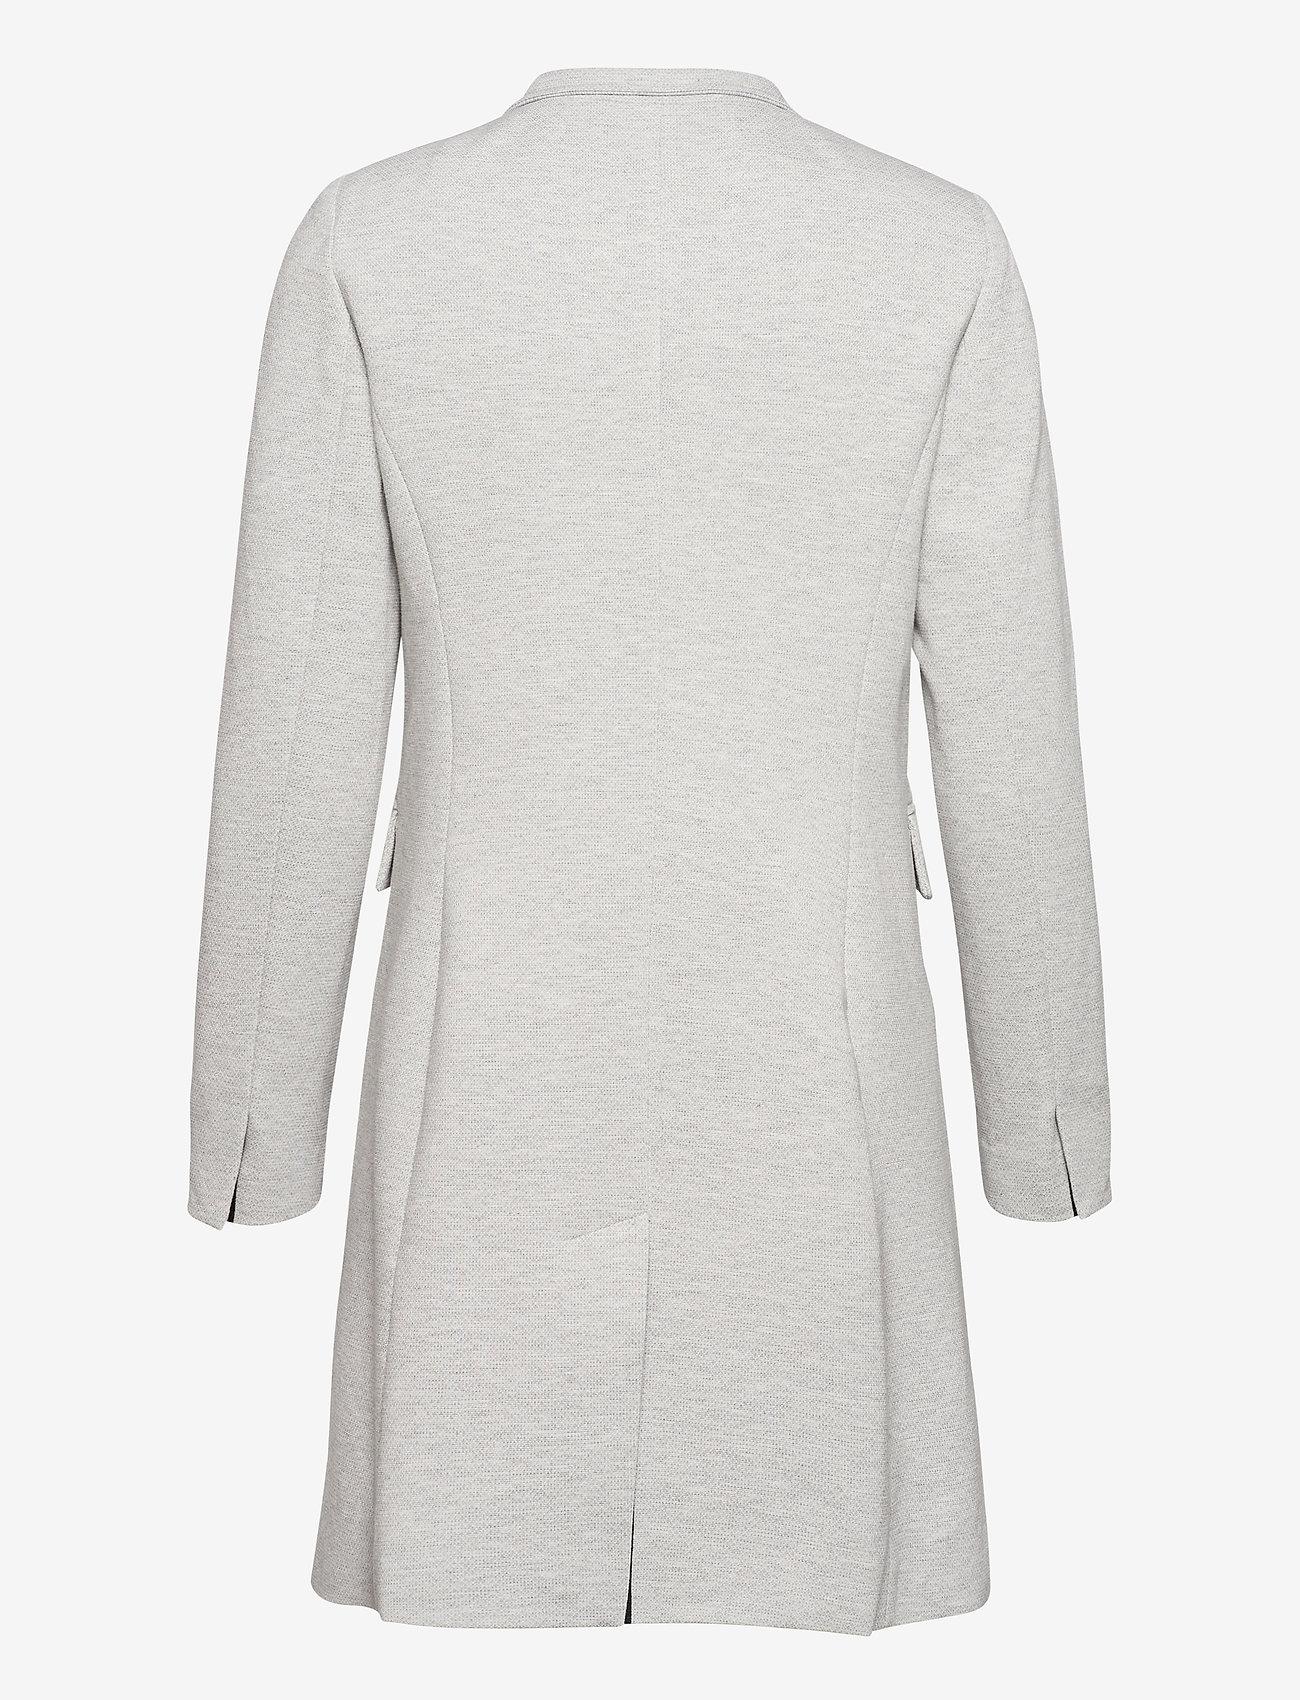 Esprit Casual - Coats woven - manteaux legères - light grey 5 - 1